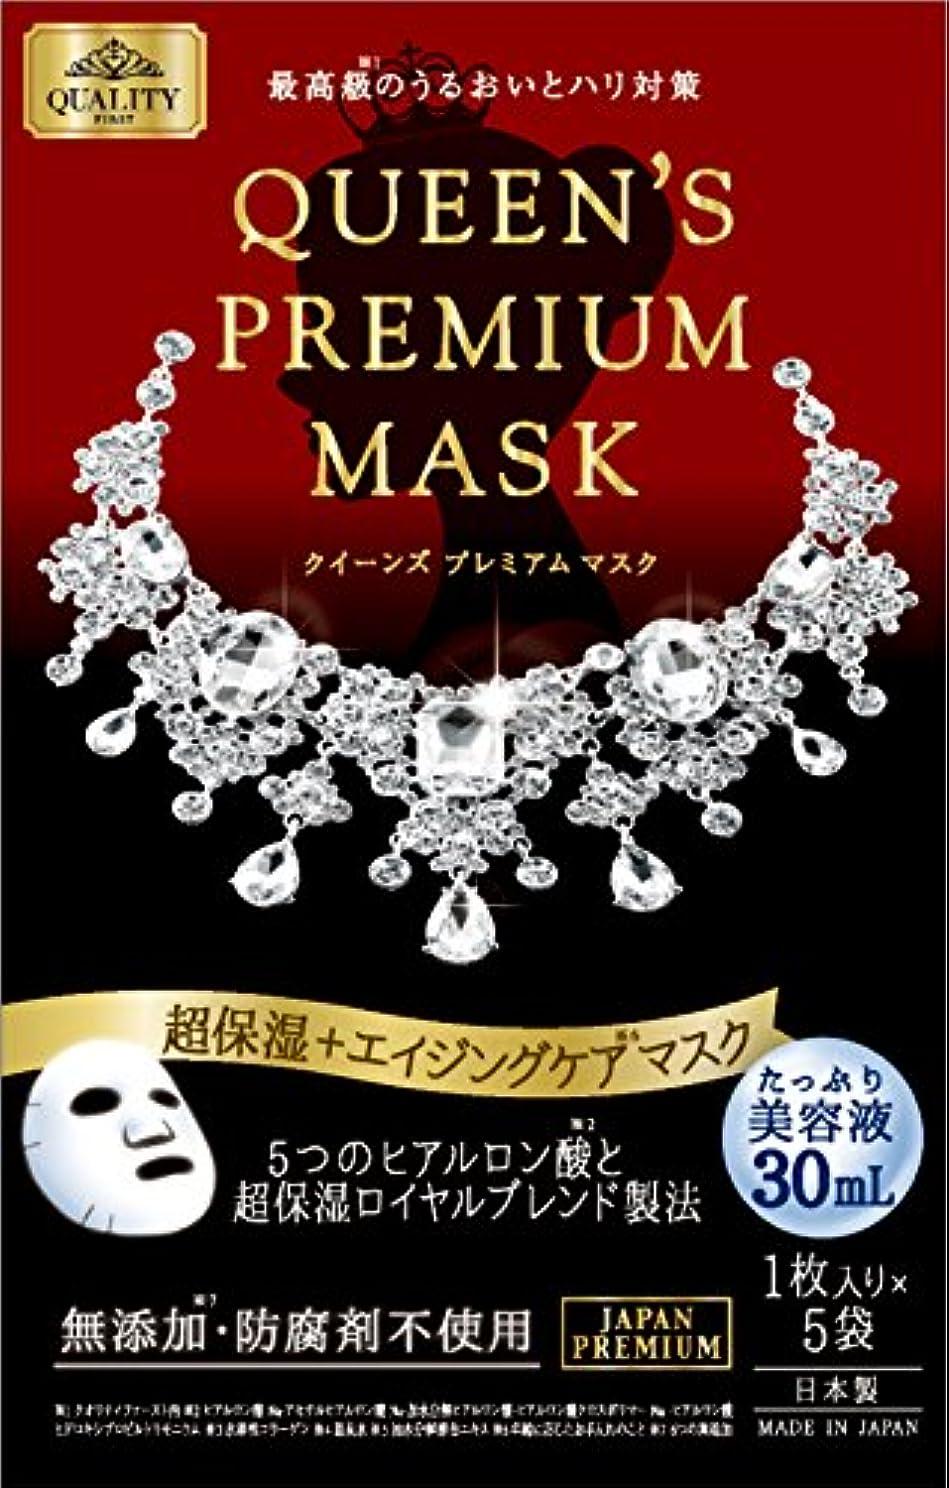 航空会社助言費用クイーンズプレミアムマスク 超保湿マスク 5枚入